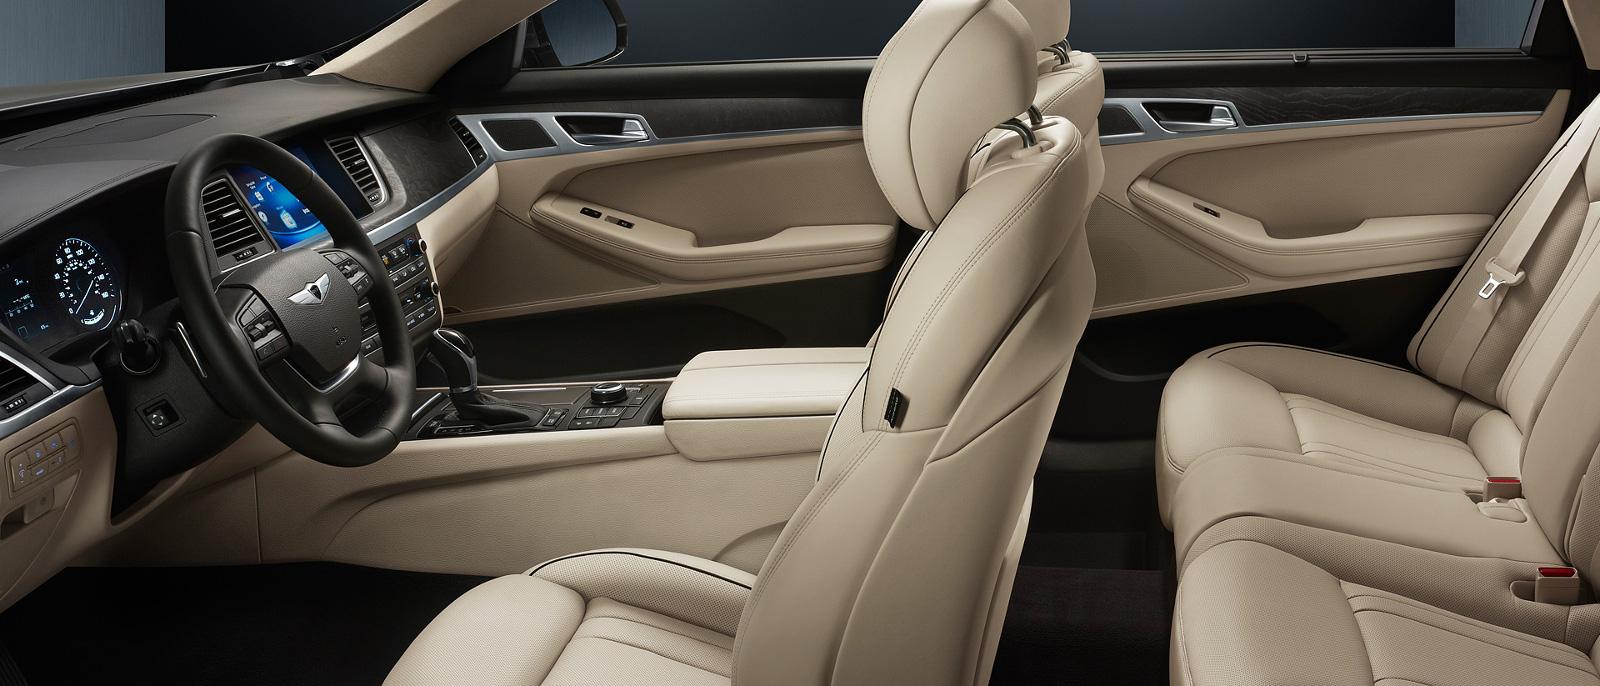 2015 Hyundai Genesis Interior ...